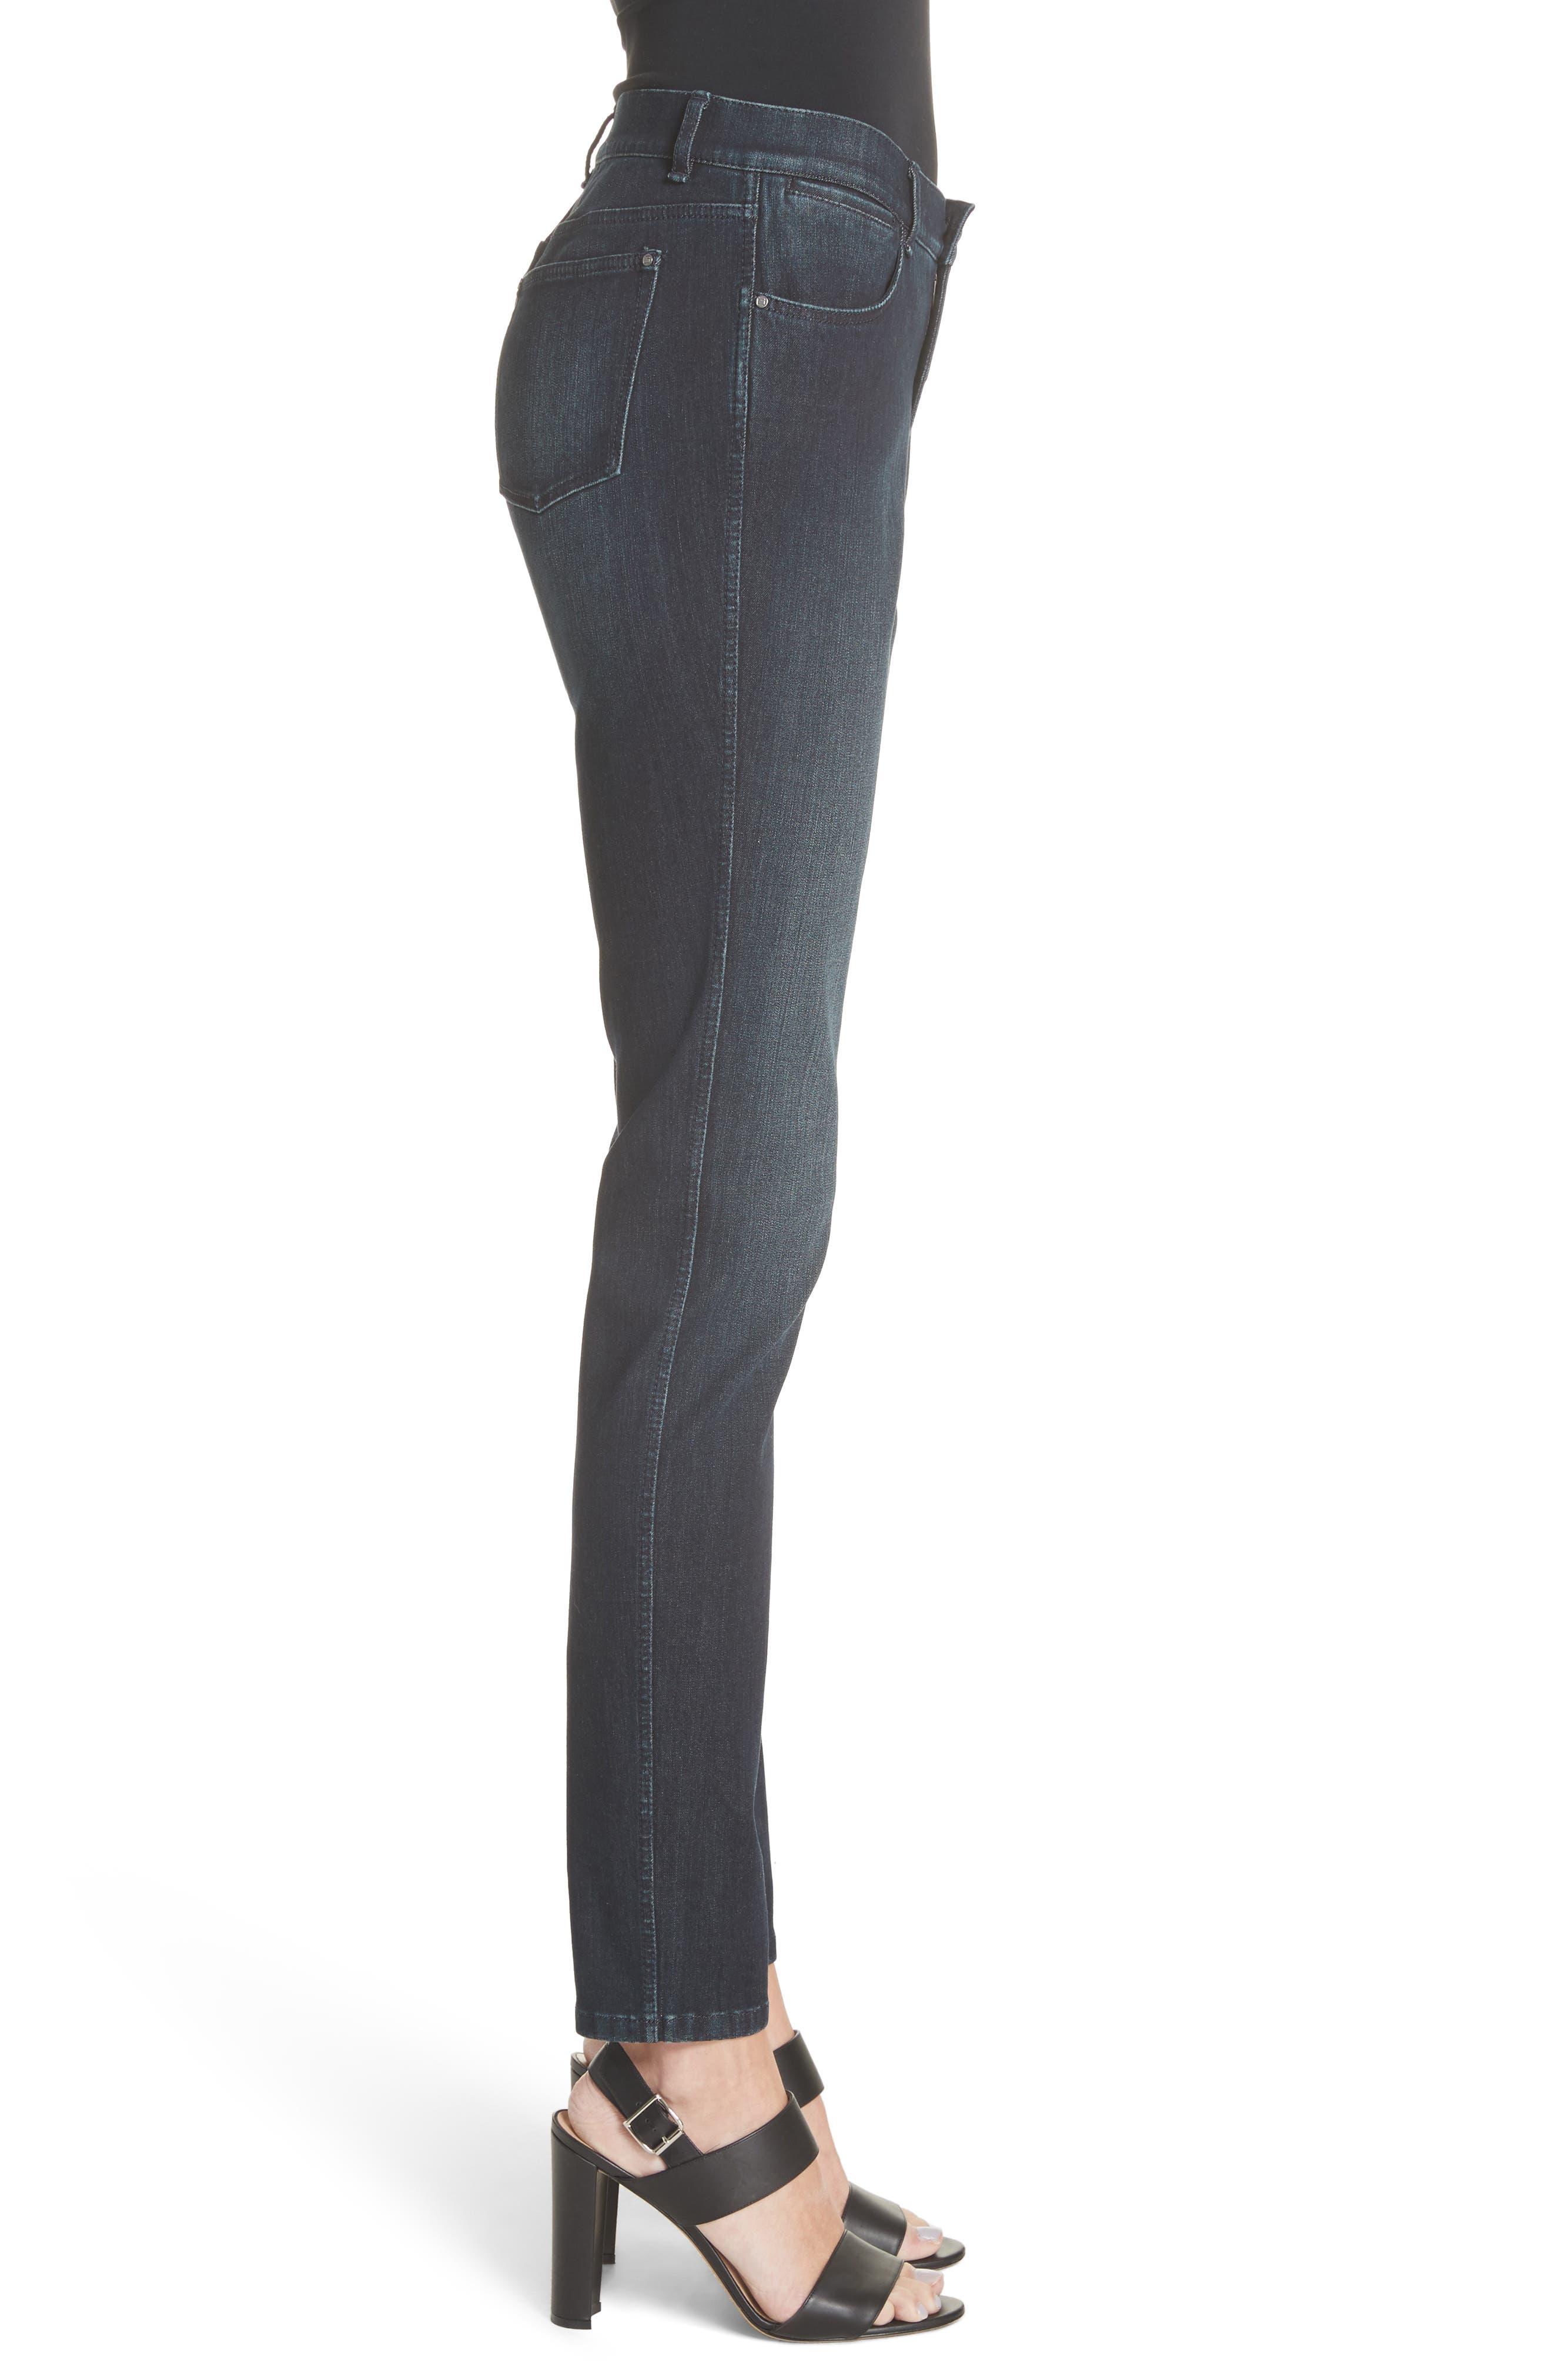 Mercer Skinny Jeans,                             Alternate thumbnail 3, color,                             INDIGO